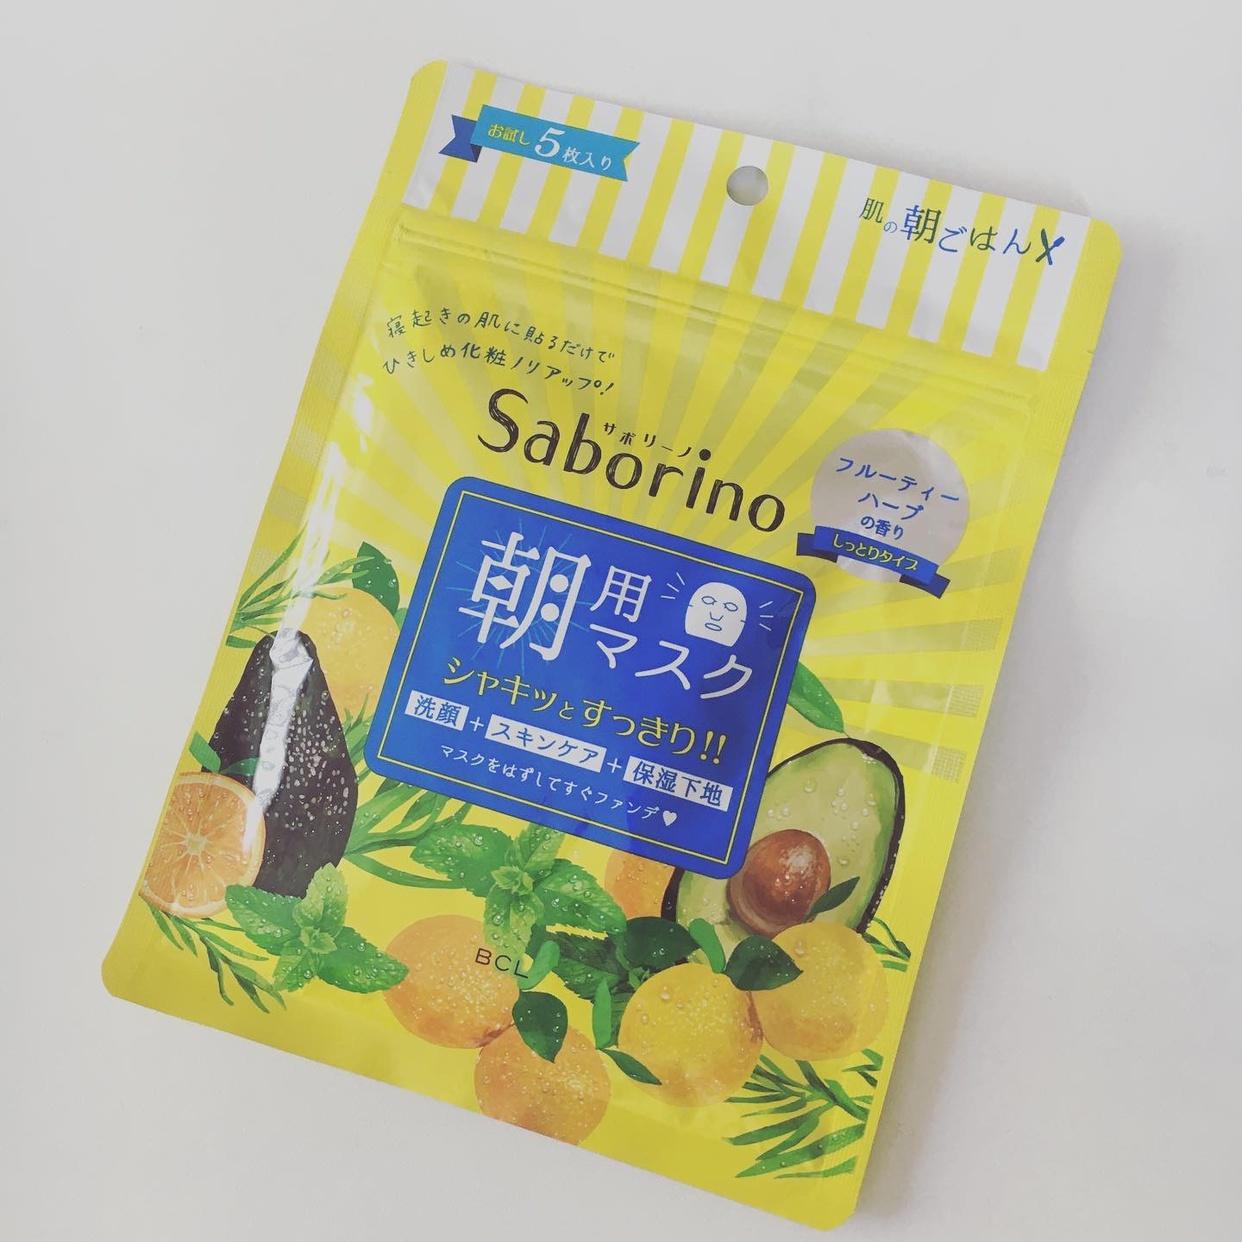 Saborino(サボリーノ) 目ざまシートの良い点・メリットに関するMiaiさんの口コミ画像1